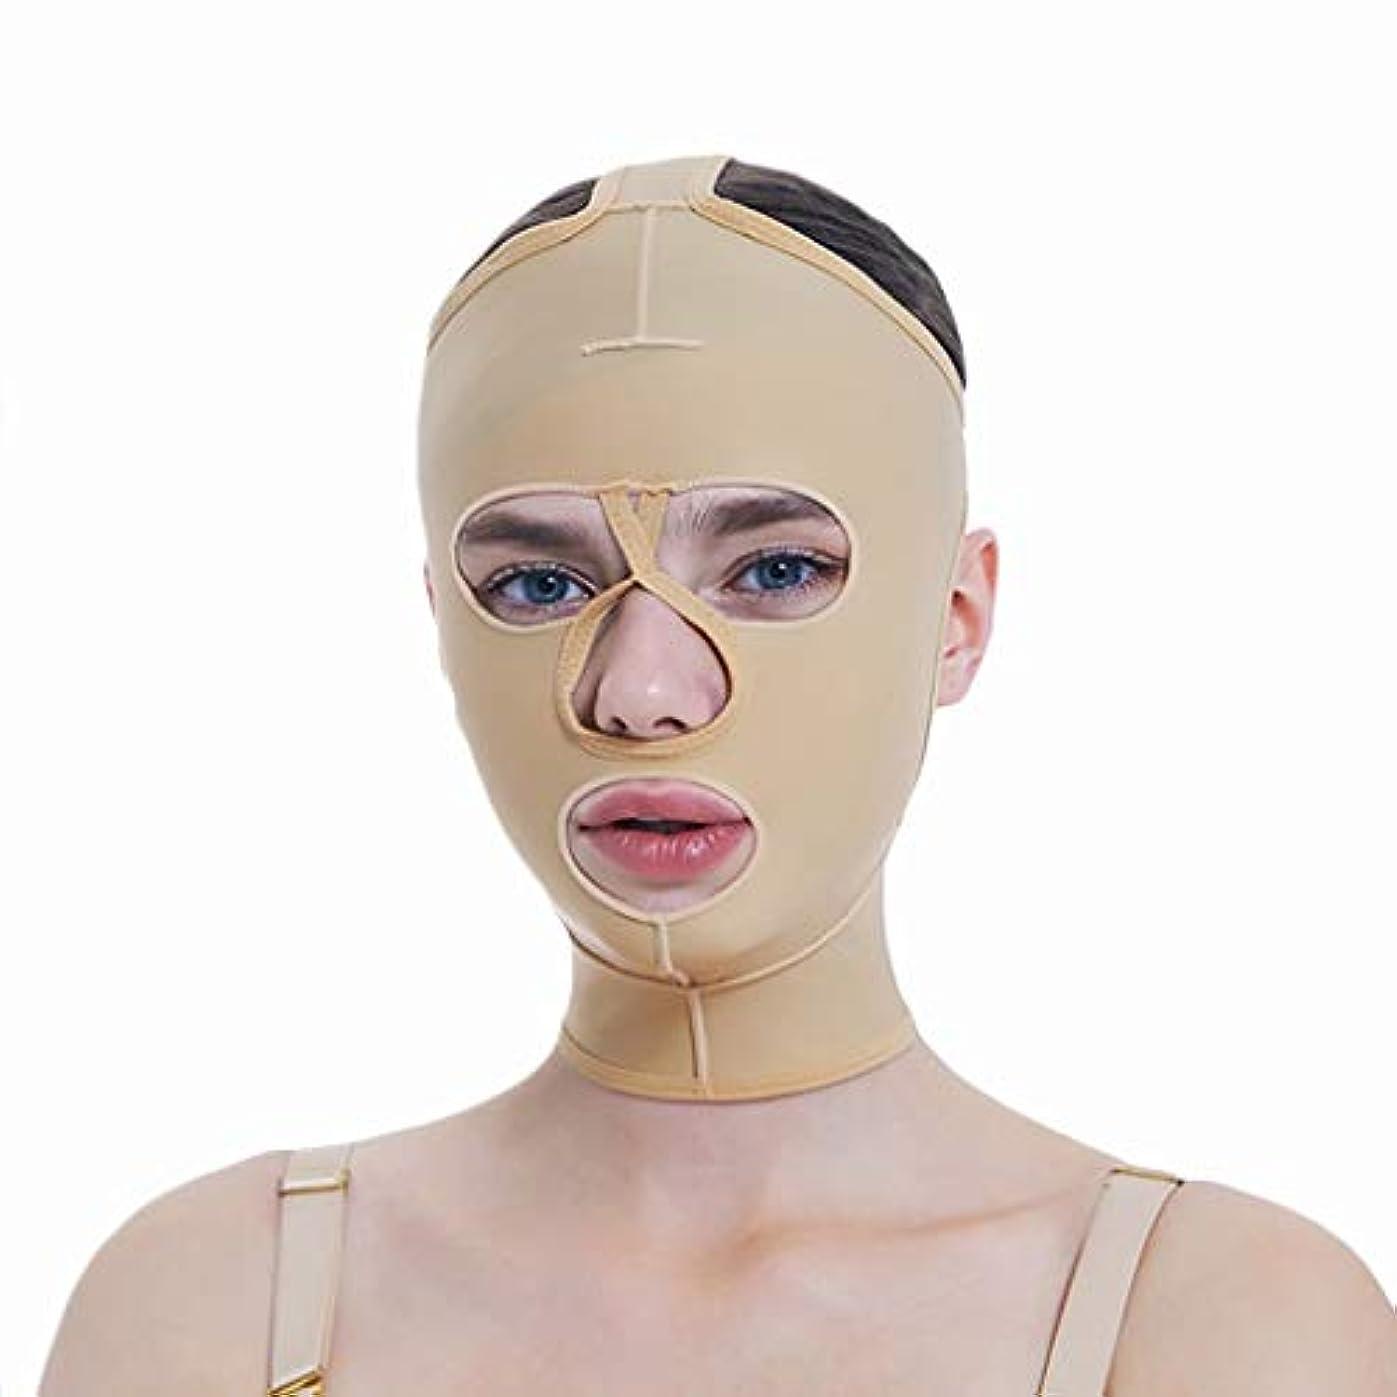 処理スコア知覚できる顔の減量マスク、フルカバレッジ包帯、フルフェイスリフティングマスク、フェイスマスク、快適で通気性、リフティングシェーピング (Size : XL)